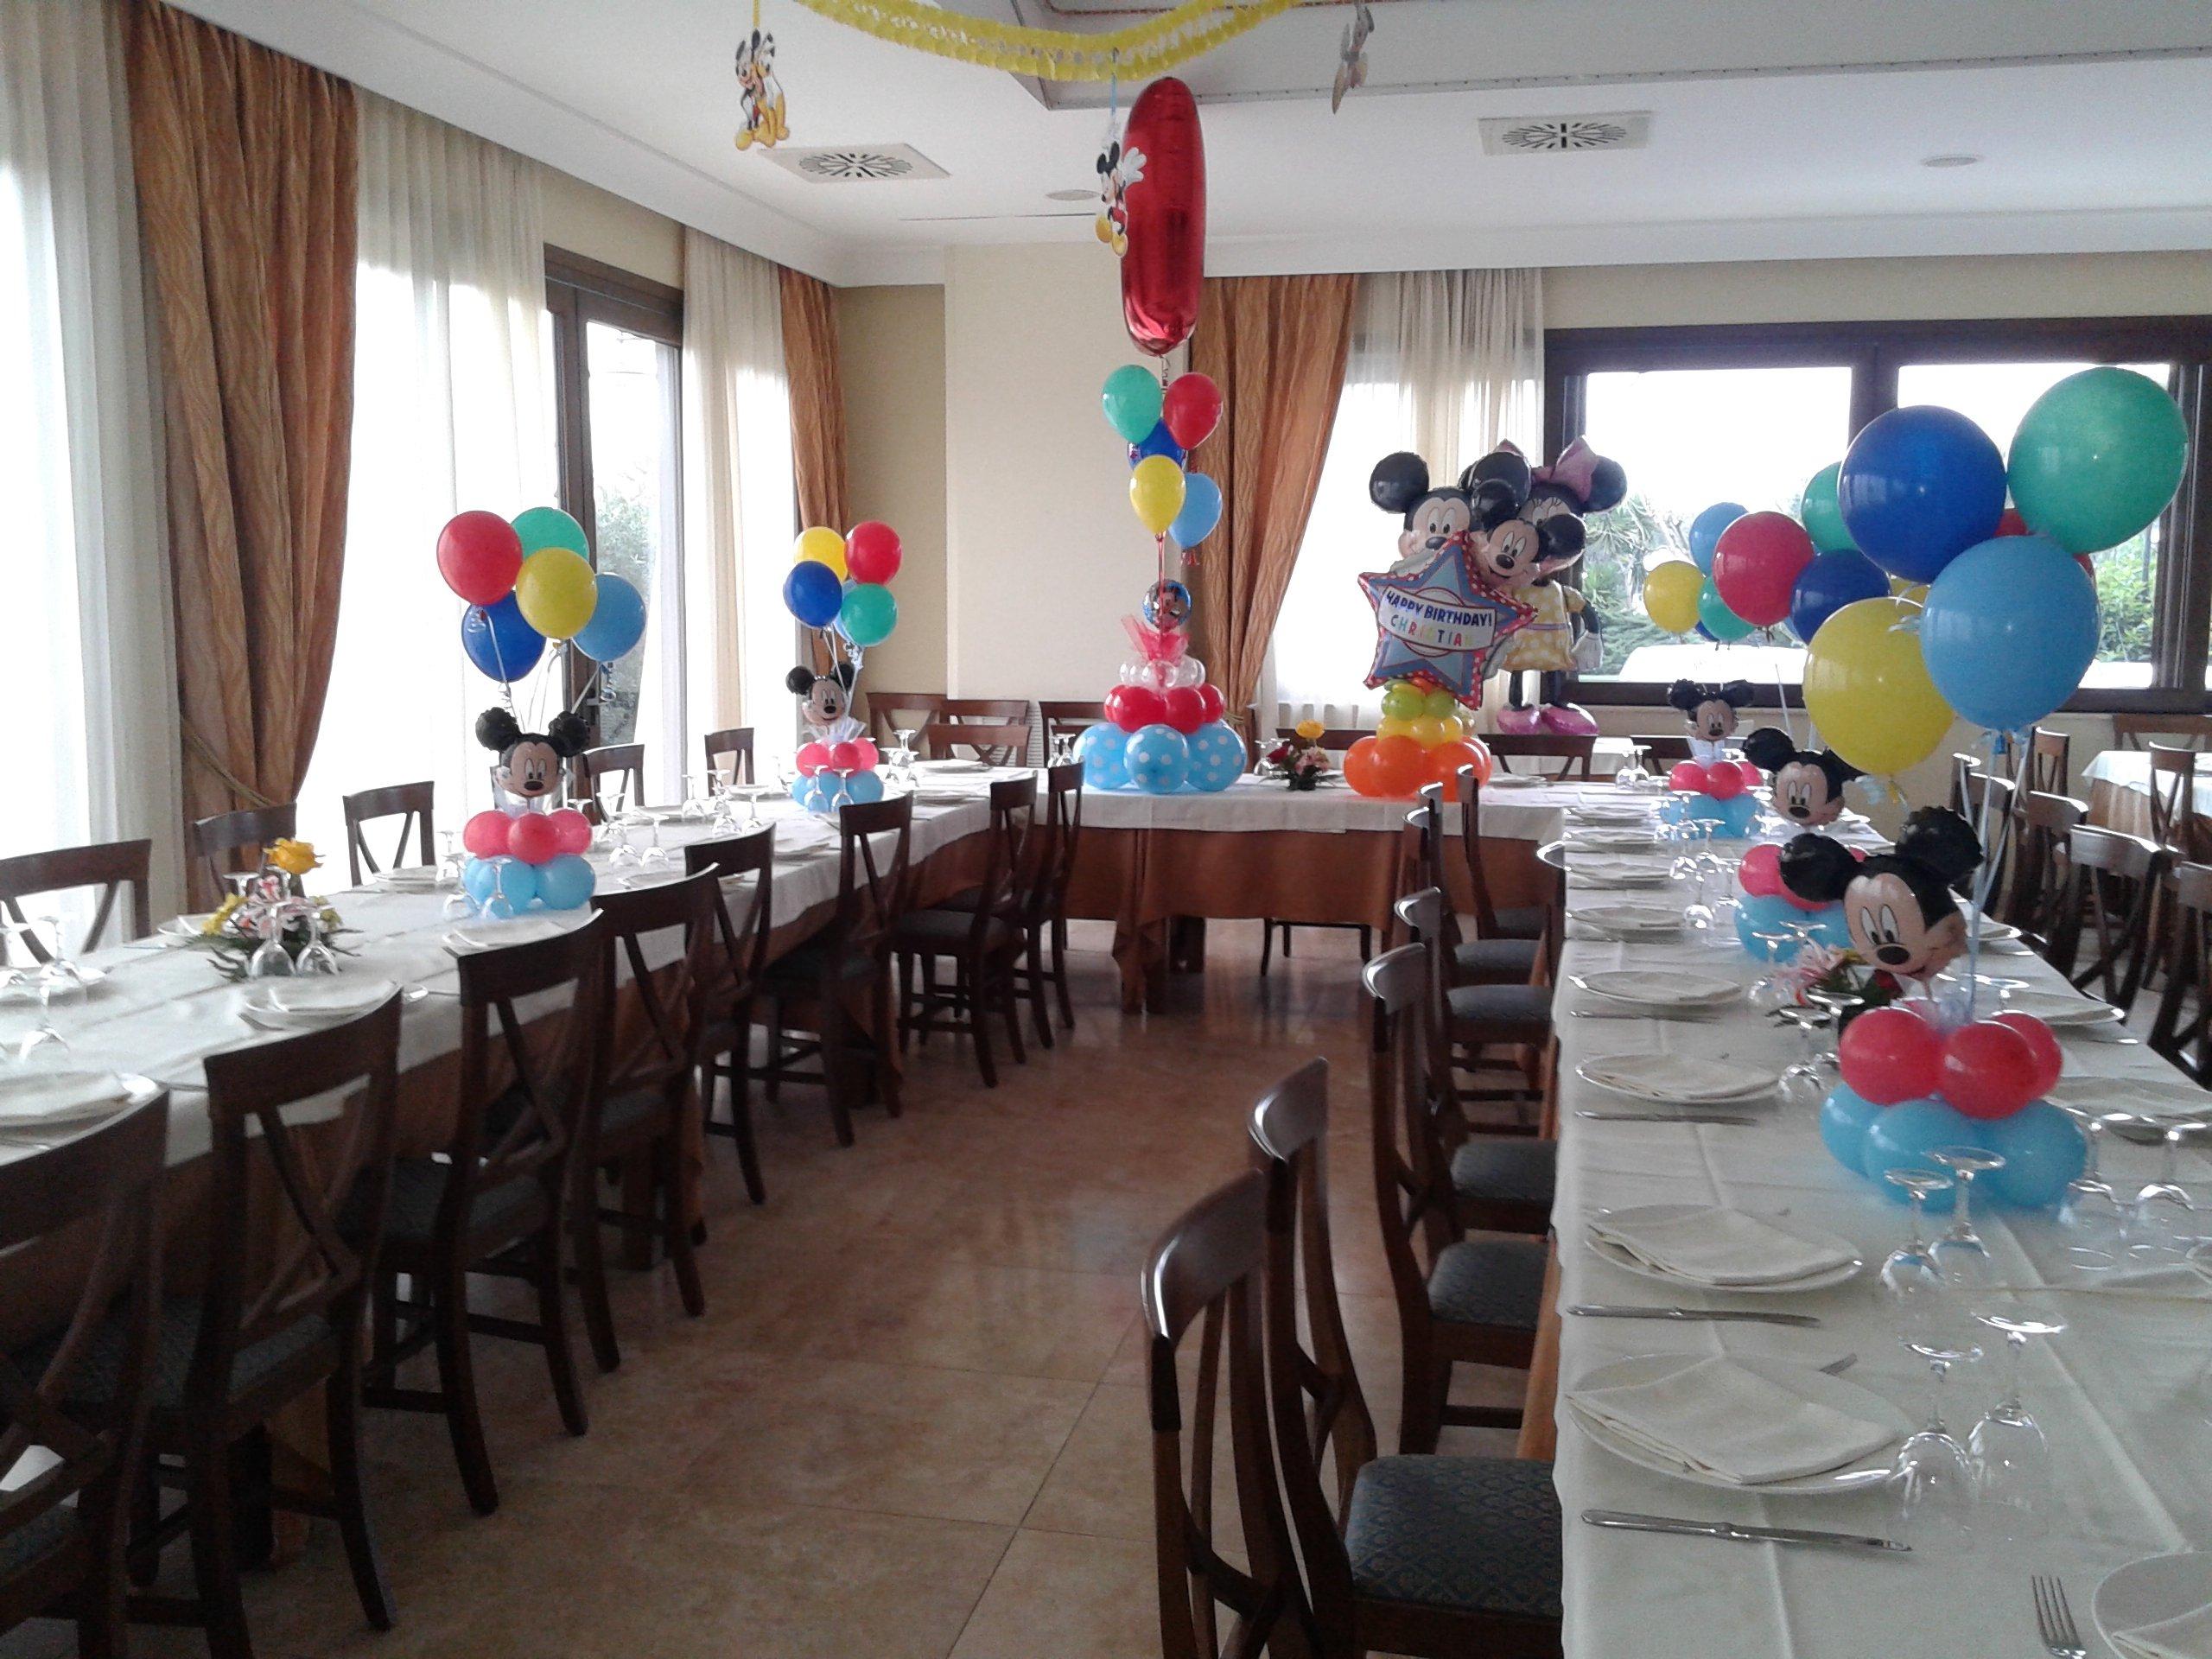 sala addobbata per compleanno